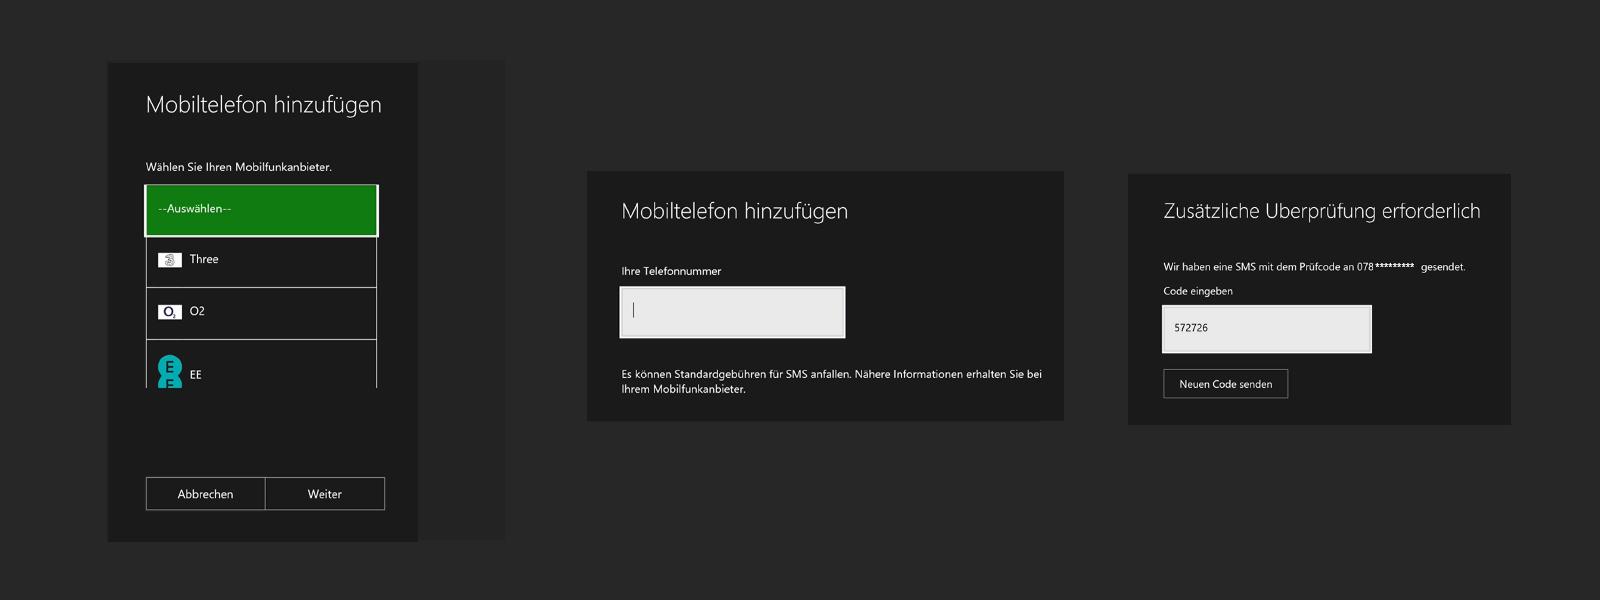 Bildschirm, der Mobiltelefon-Details anzeigt